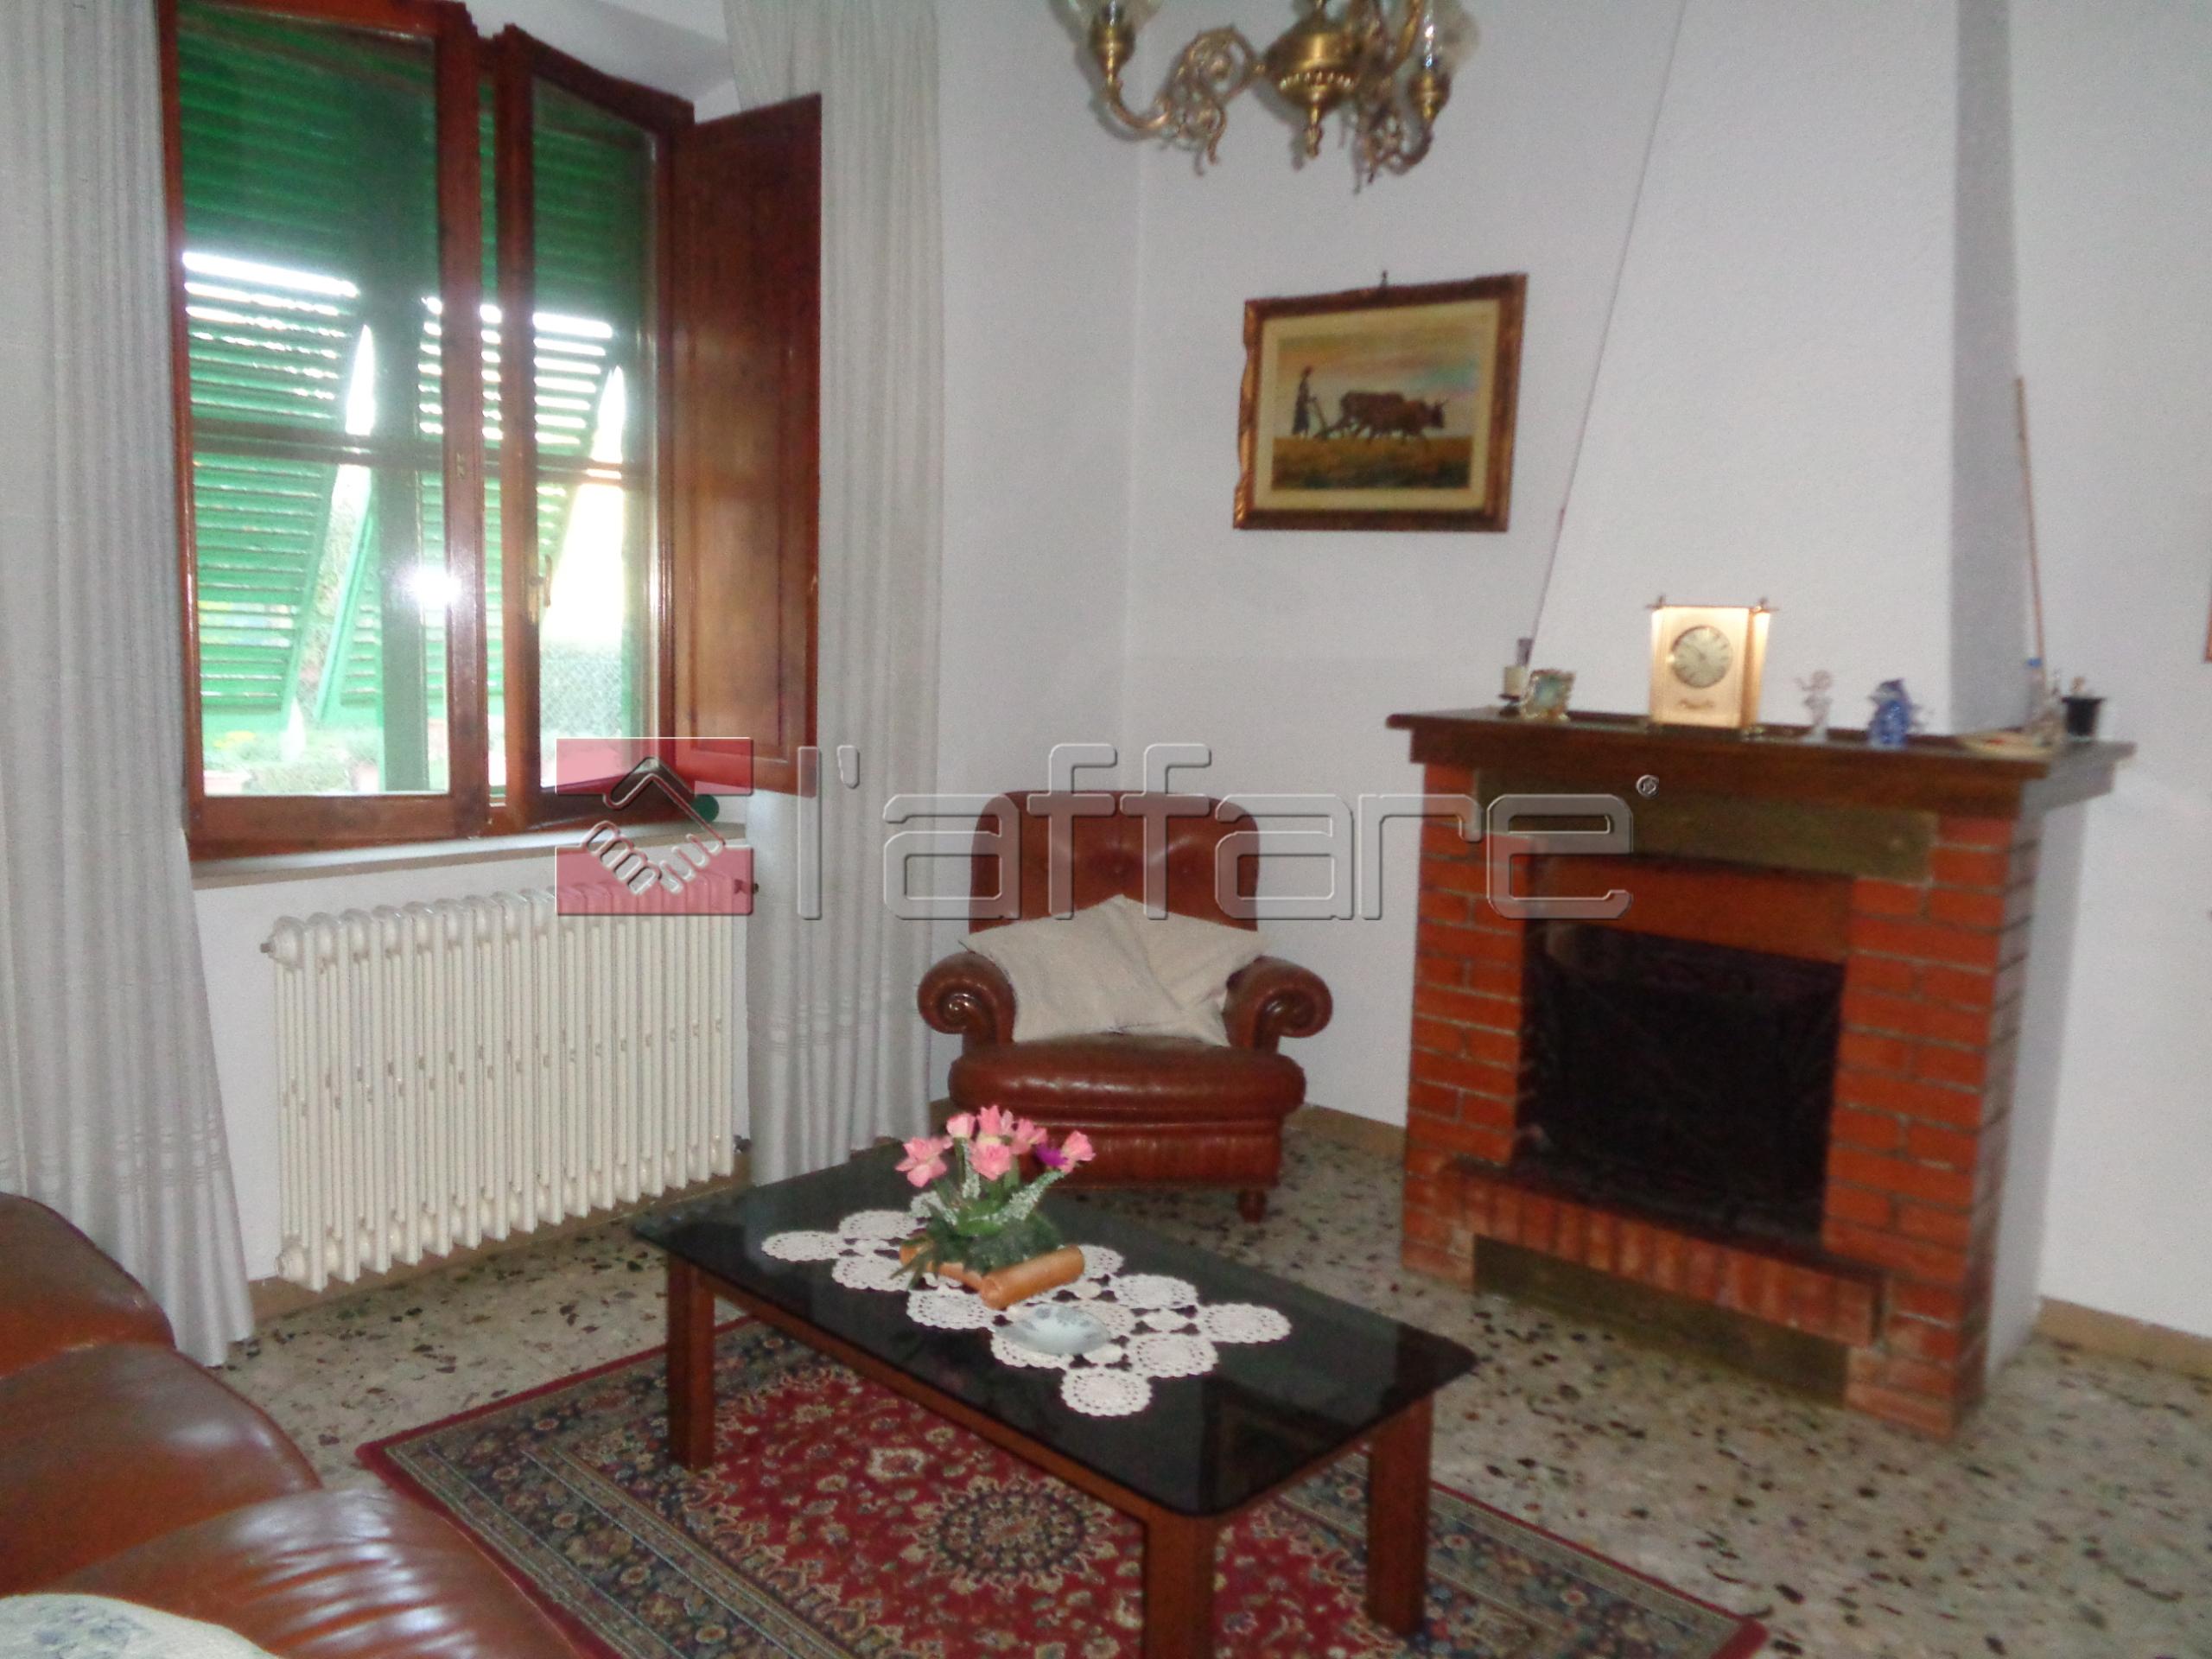 Case Toscane Agenzia Immobiliare : Appartamento in affitto capannoli l affare agenzia immobiliare